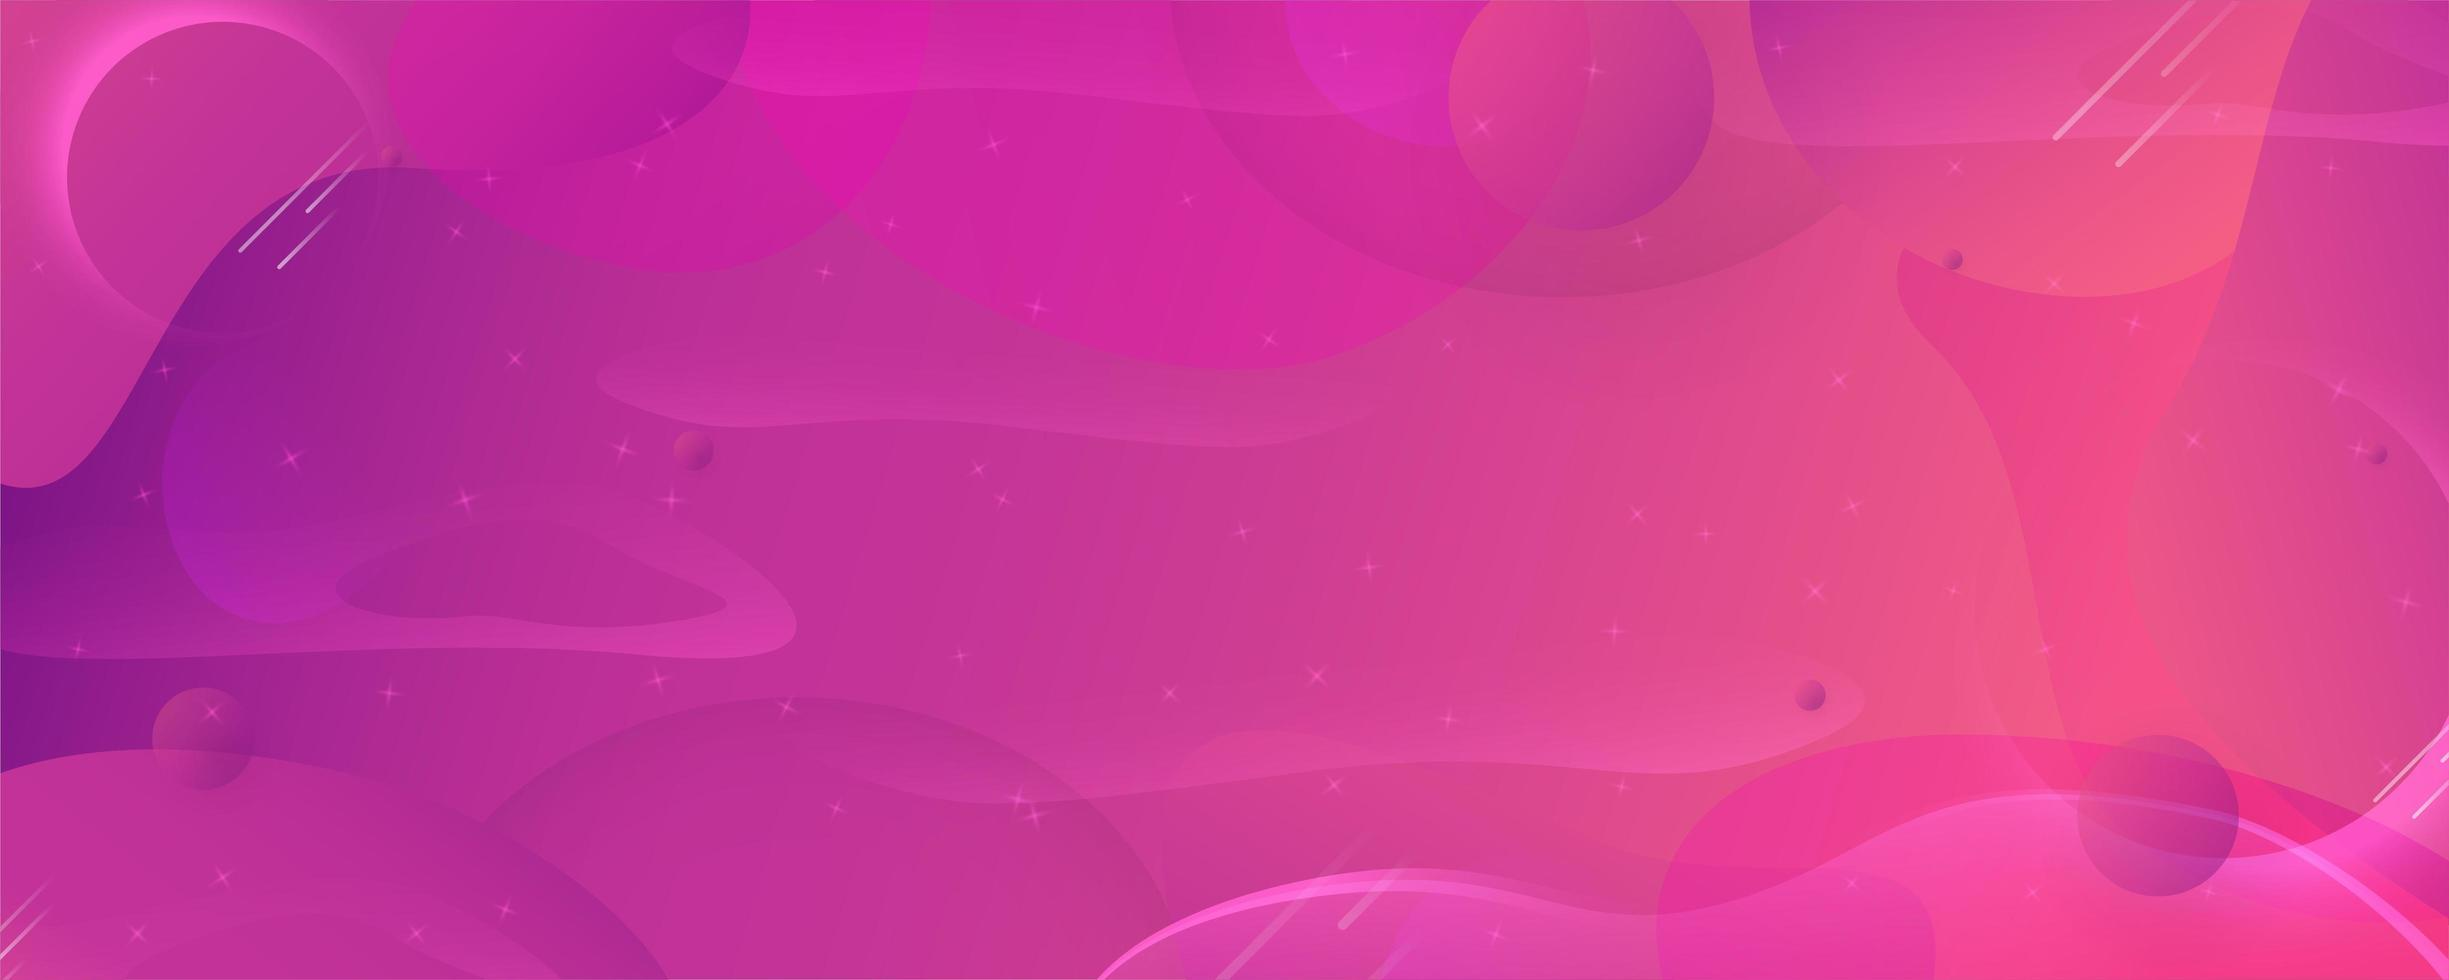 banner di forme fluide gradiente viola rosa moderno vettore